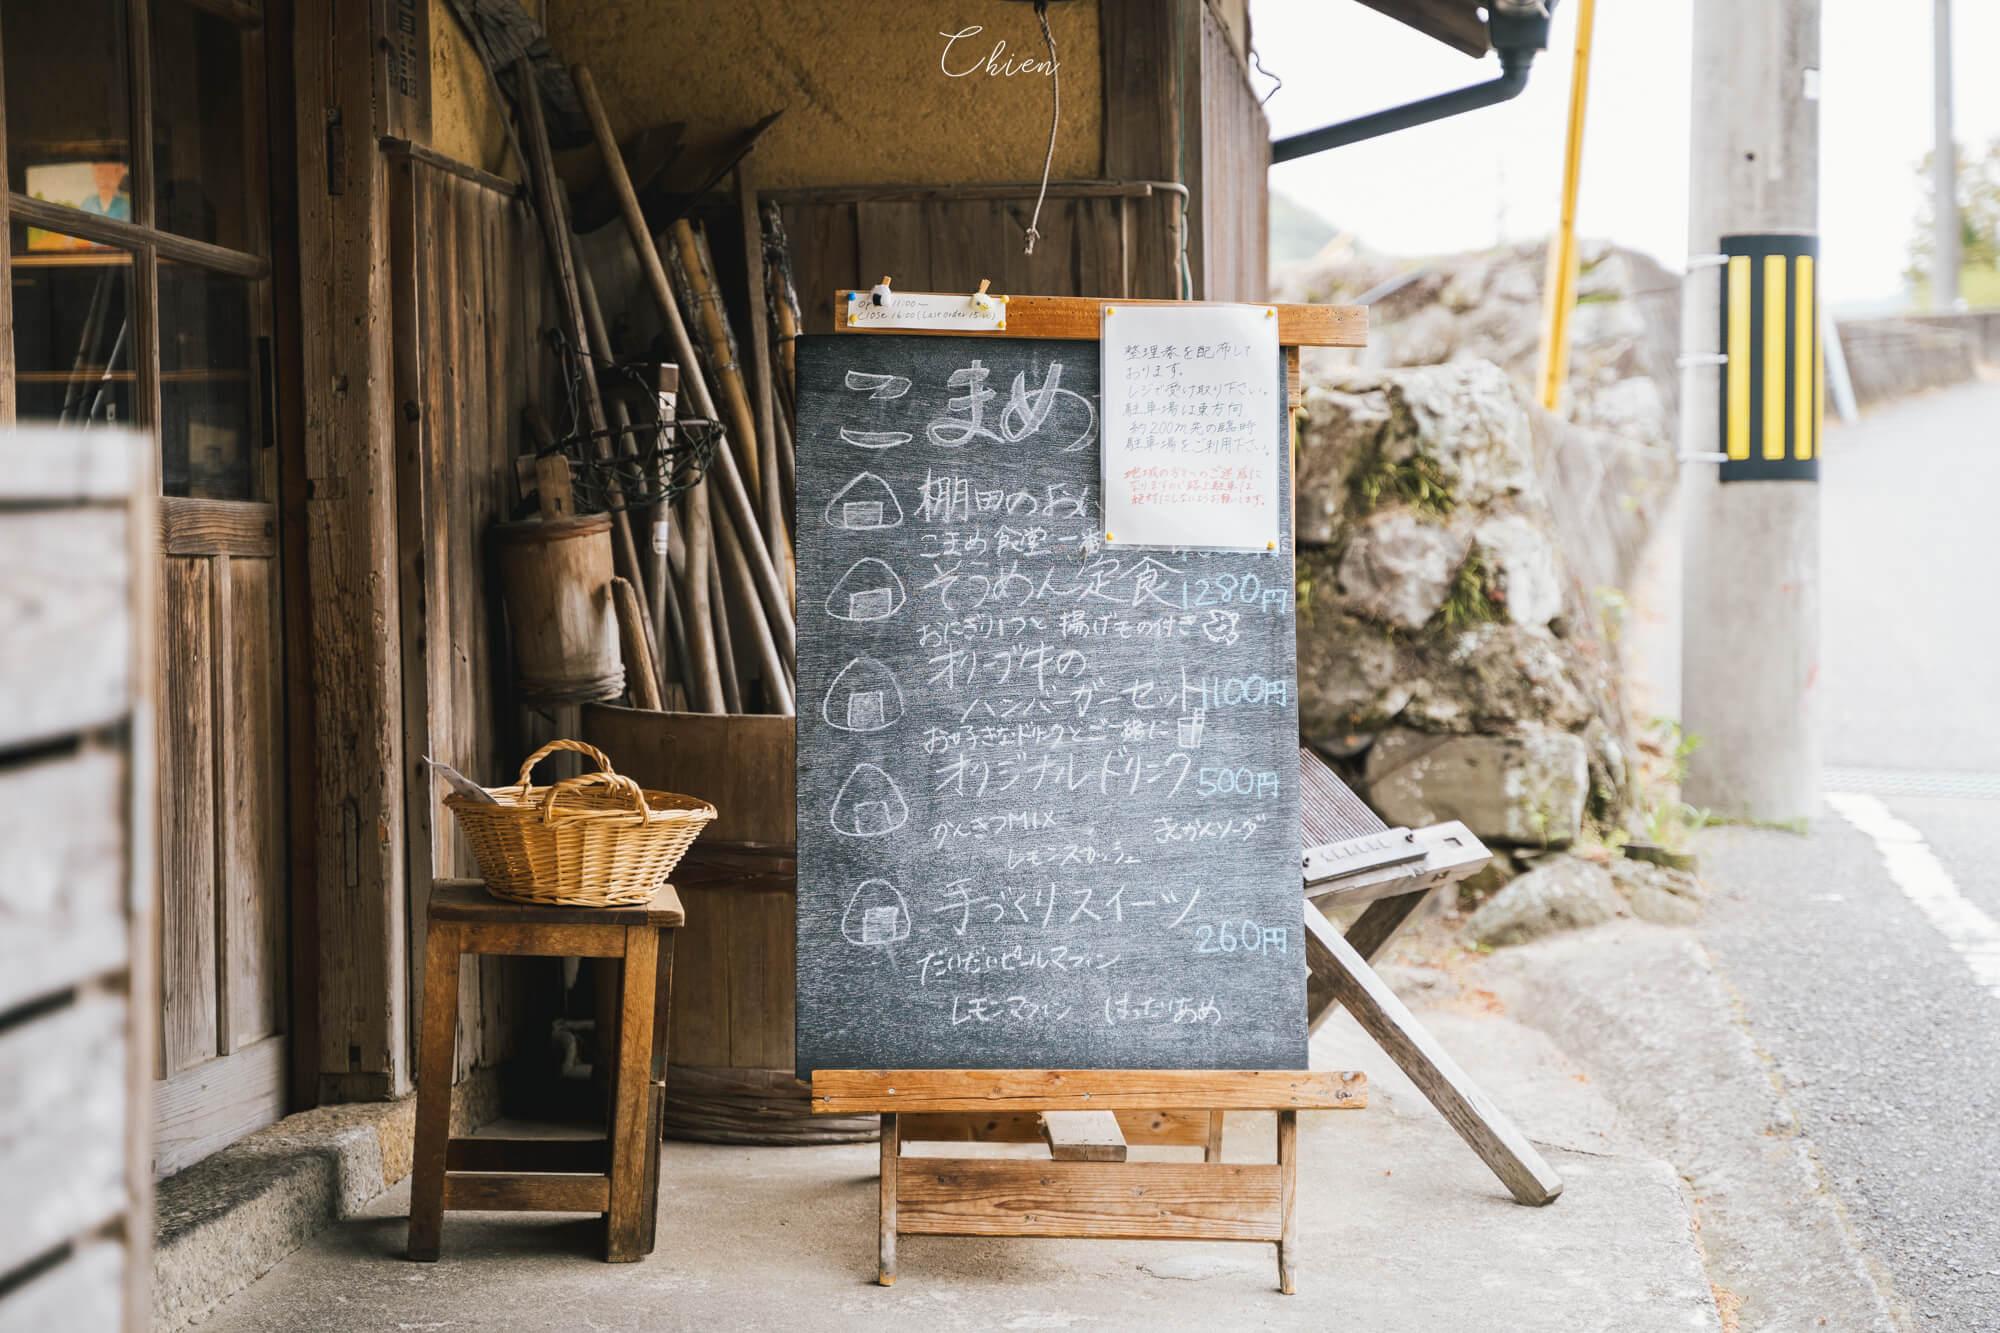 香川小豆島 小豆食堂 菜單